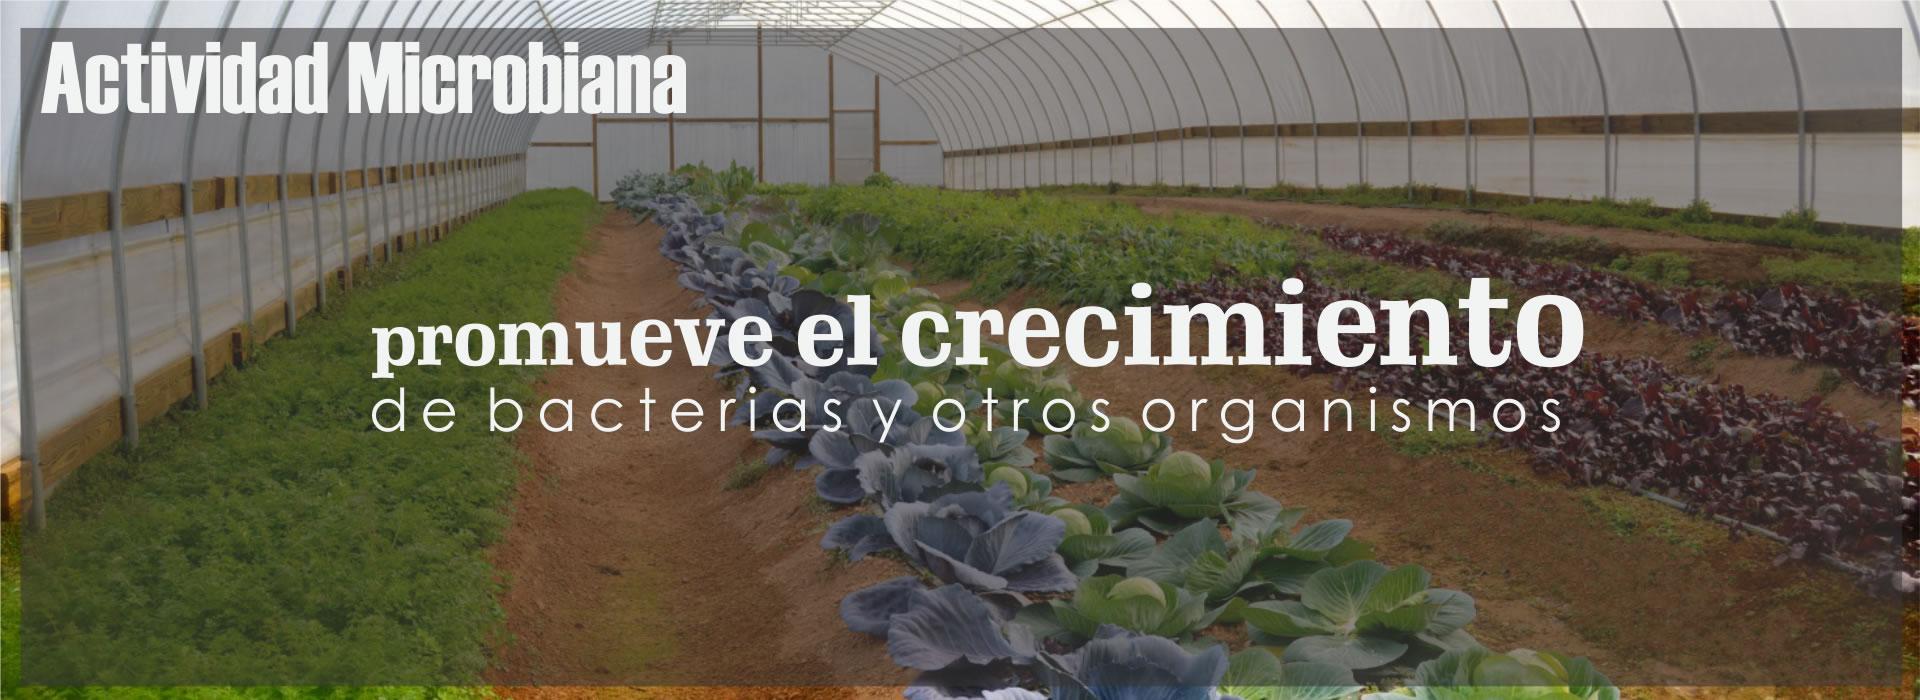 Promueve el crecimiento de bacterias y otros organismos